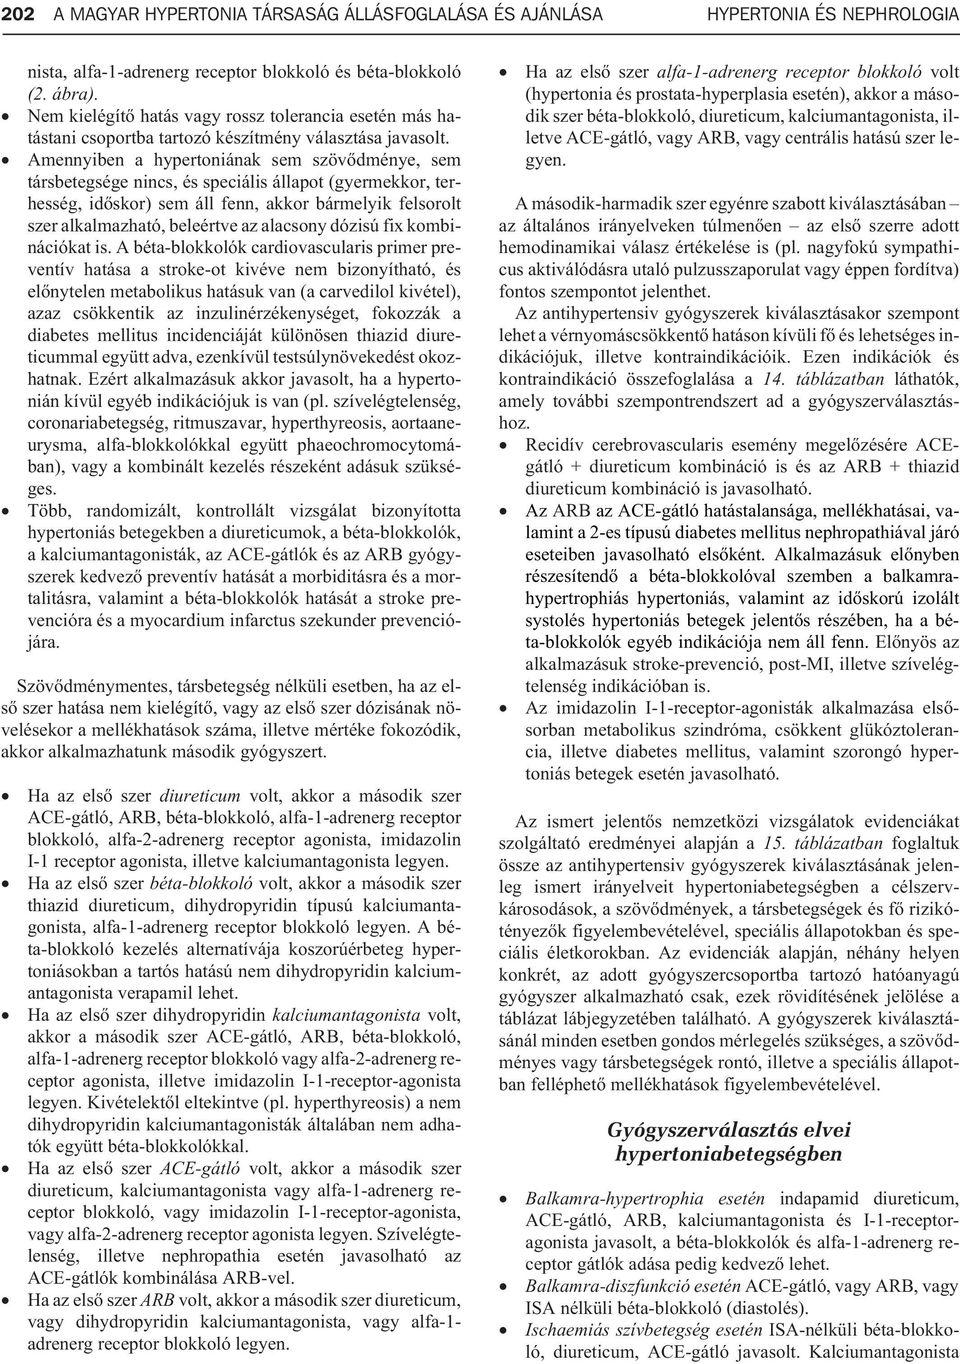 Magas vérnyomás fogyatékosság fórum. Újdonságok a rakocziregiseg.hu-n